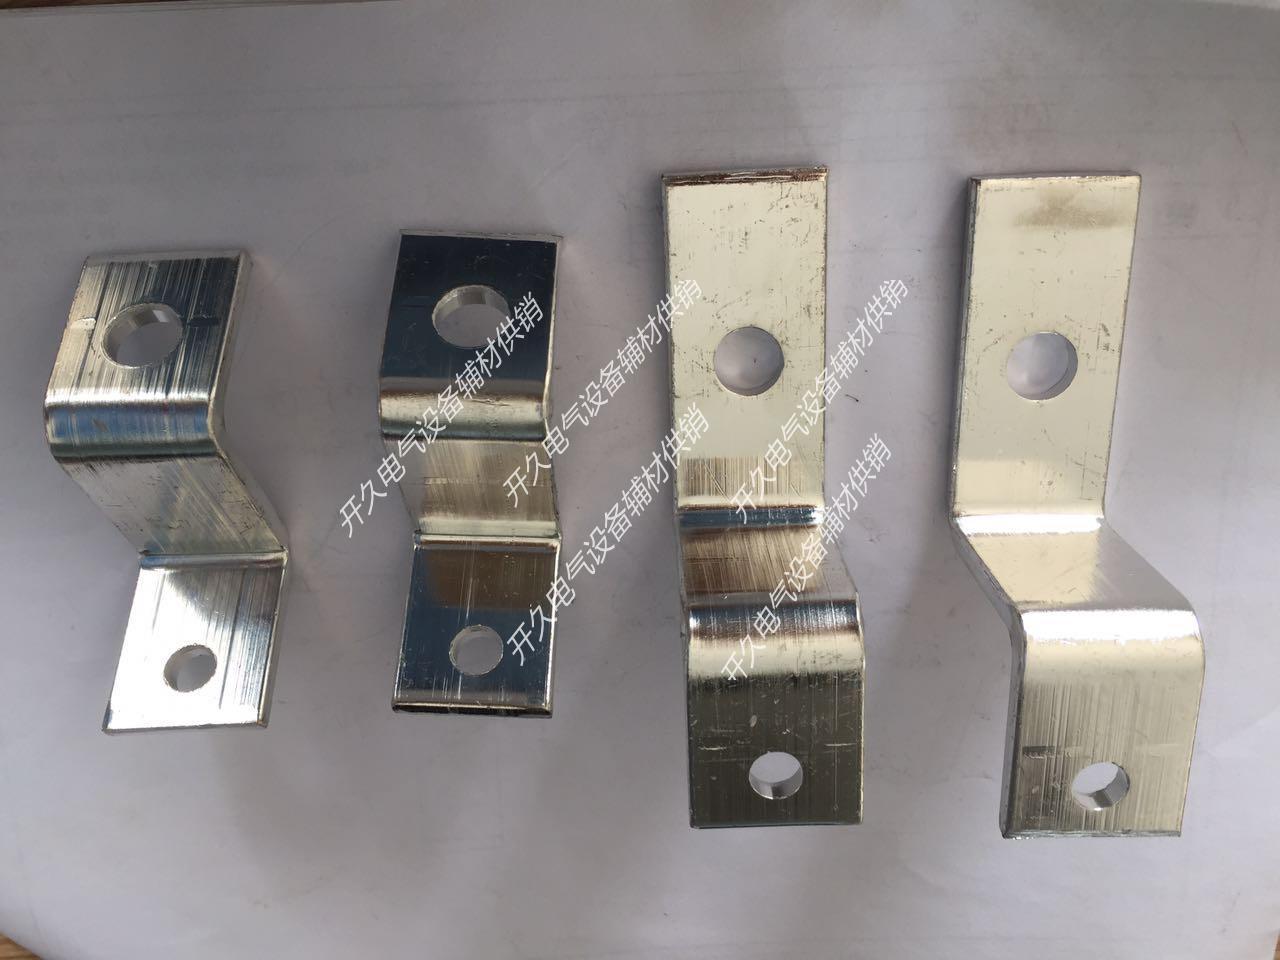 40 30*3*4*5*6铜排折弯打孔镀锡镀镍断路器扩展机房铜排定做加工